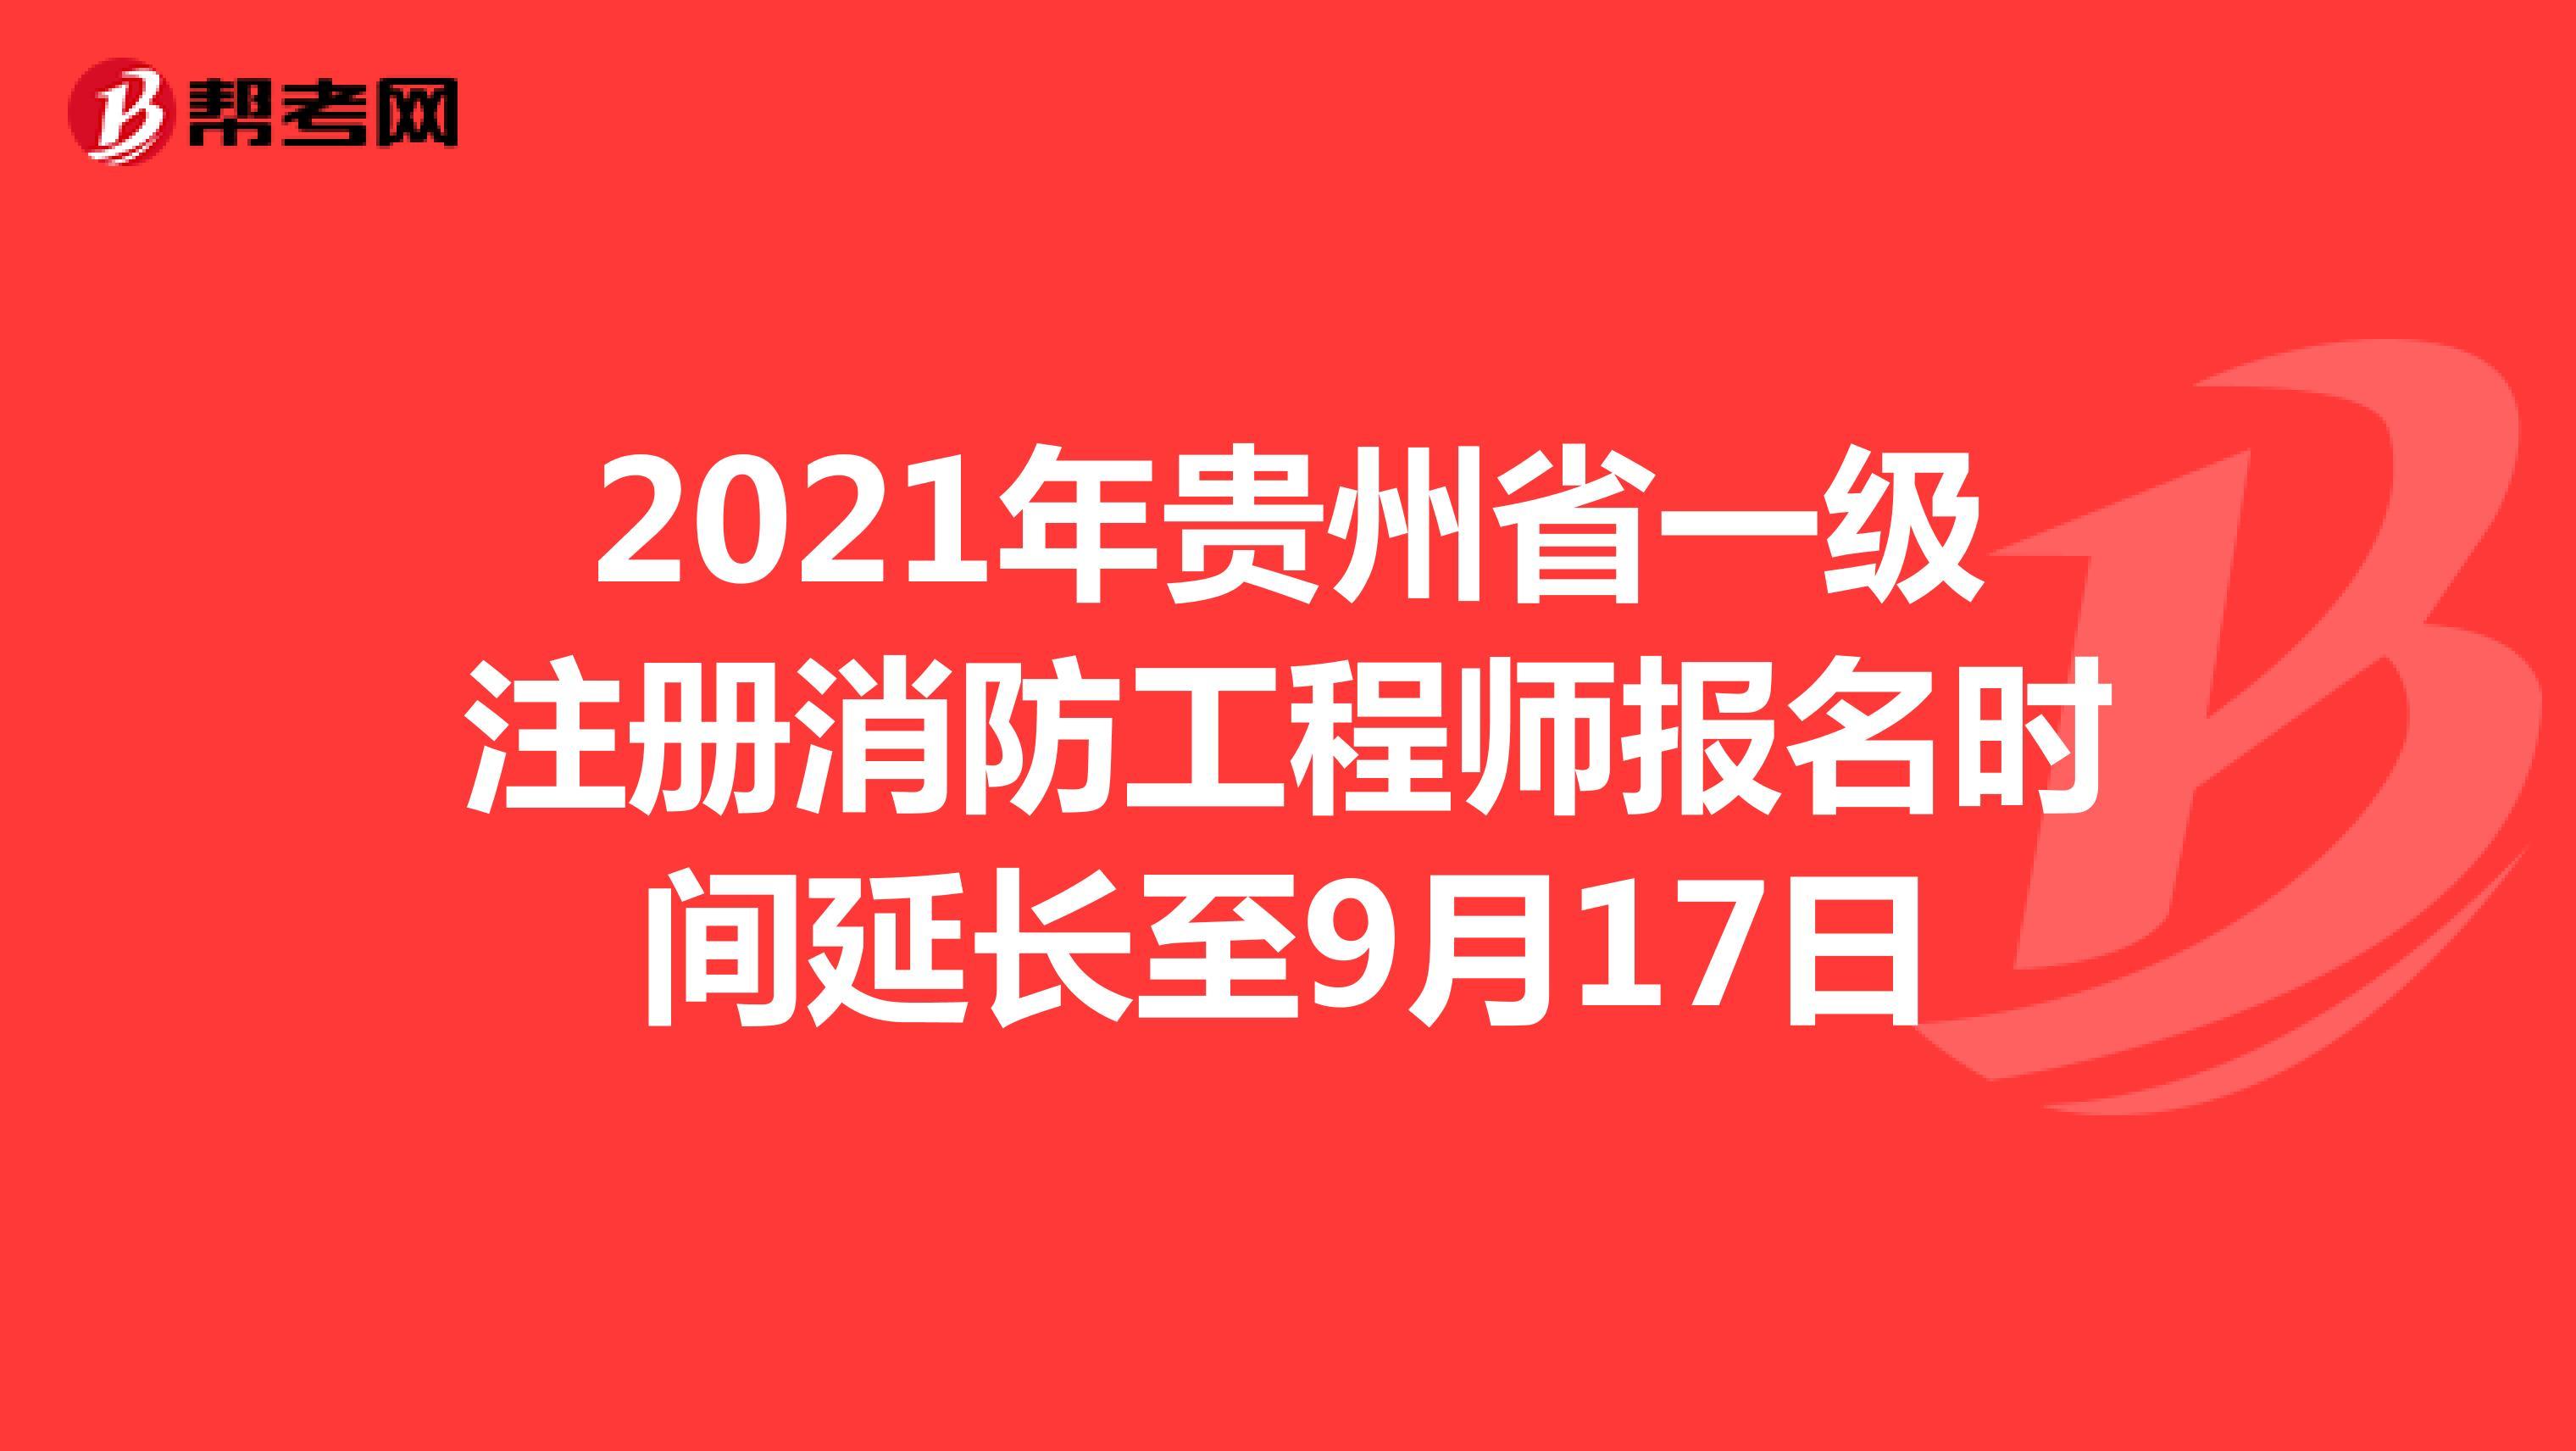 2021年贵州省一级注册消防工程师报名时间延长至9月17日